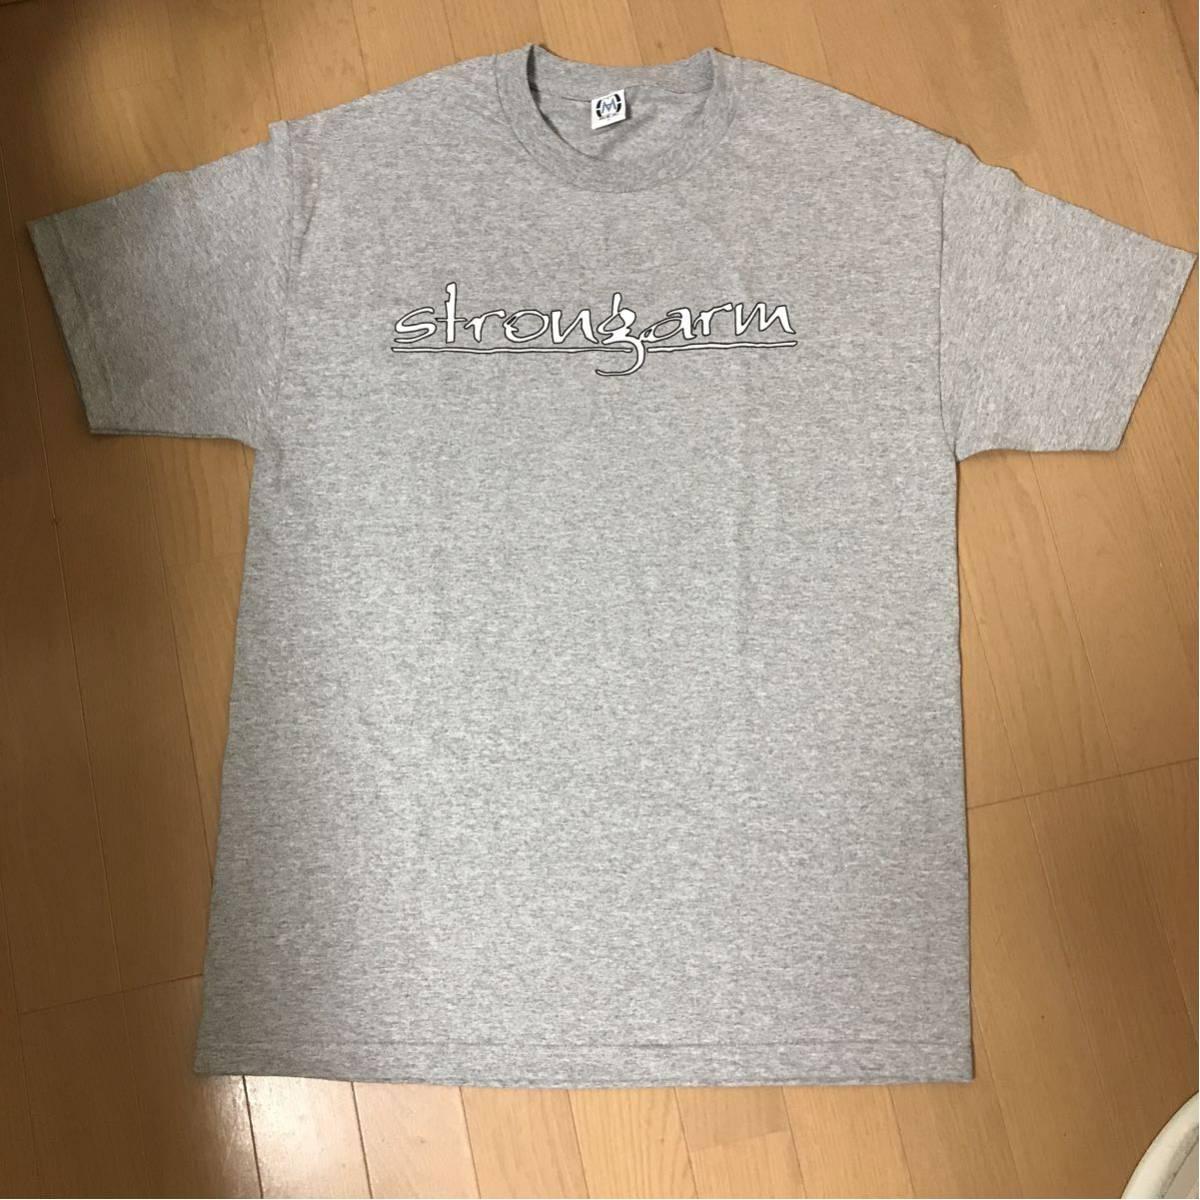 【新品】strong arm 叙情派 ニュースクール nyhc hard core Tシャツ morning again shai hulud earth crisisTAKEN NAIAD ENDZWECK L